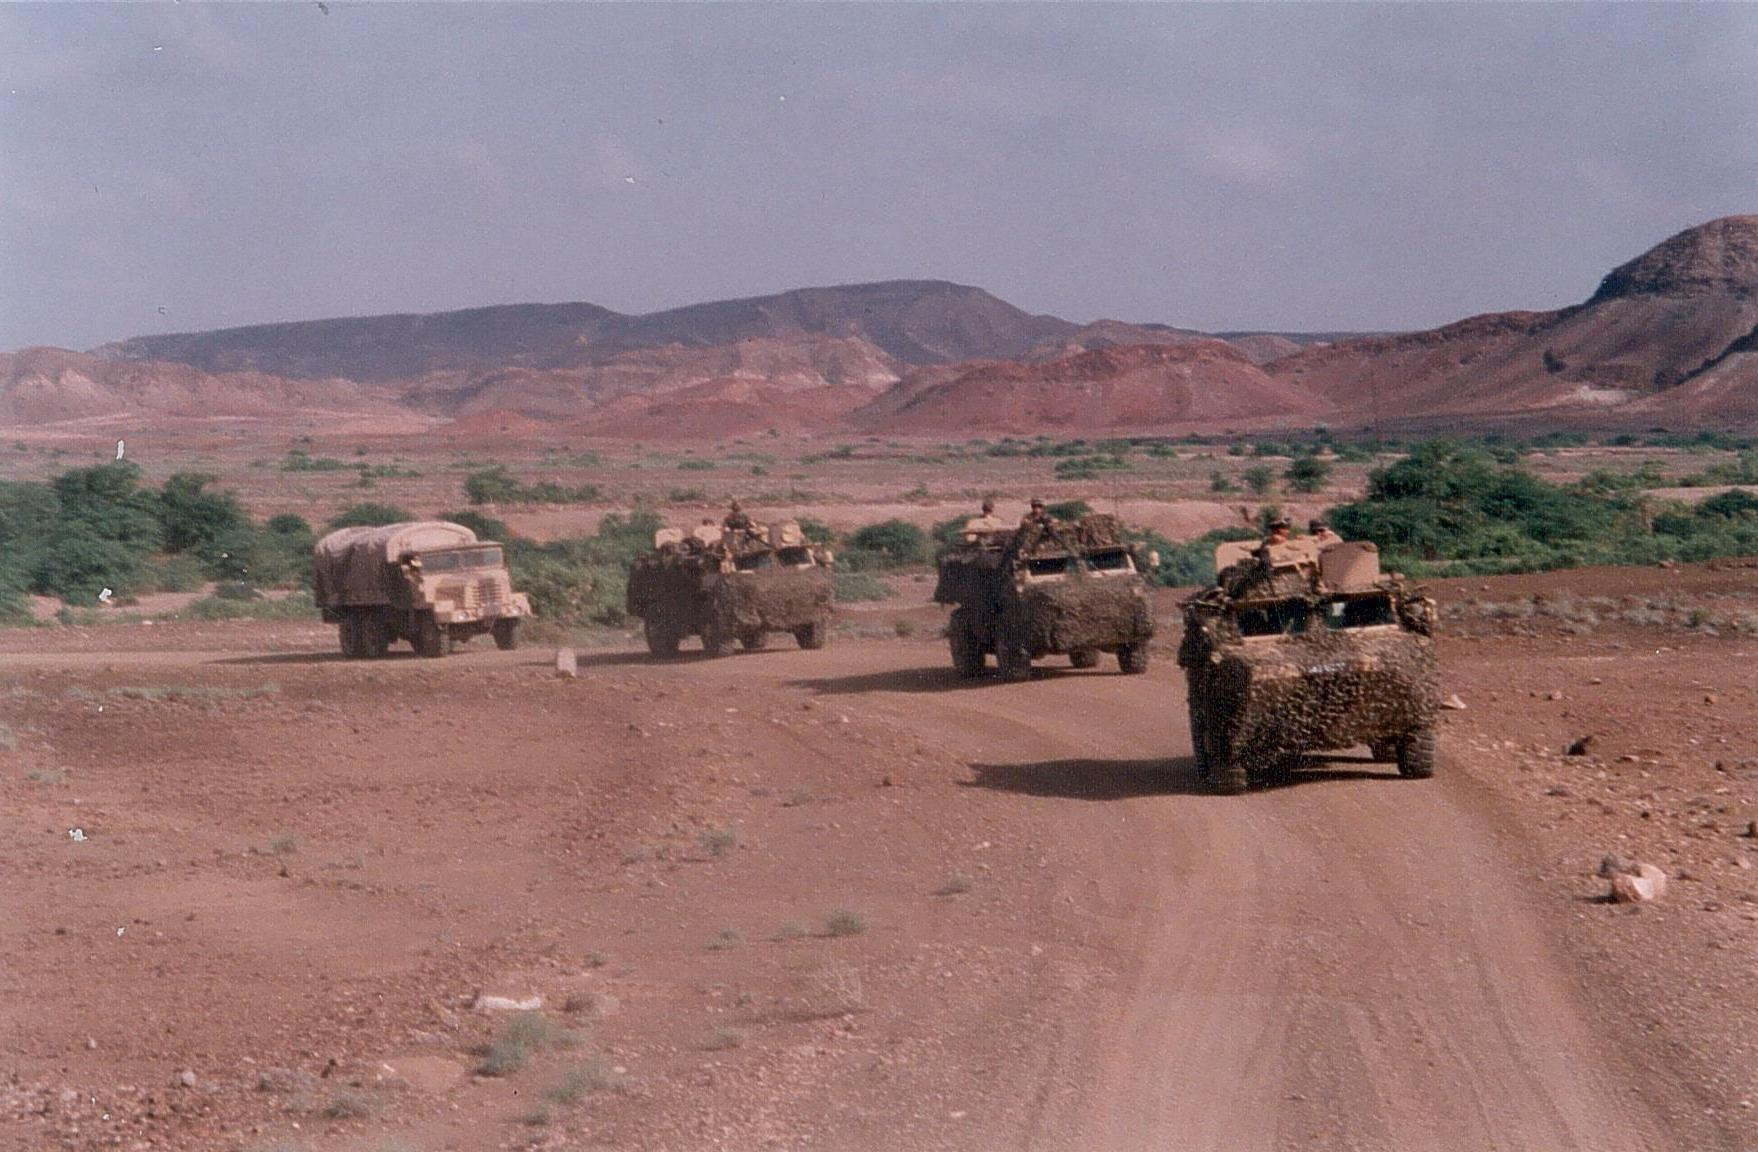 Колонна техники Иностранного легиона в Африке. Фото предоставлено героем интервью